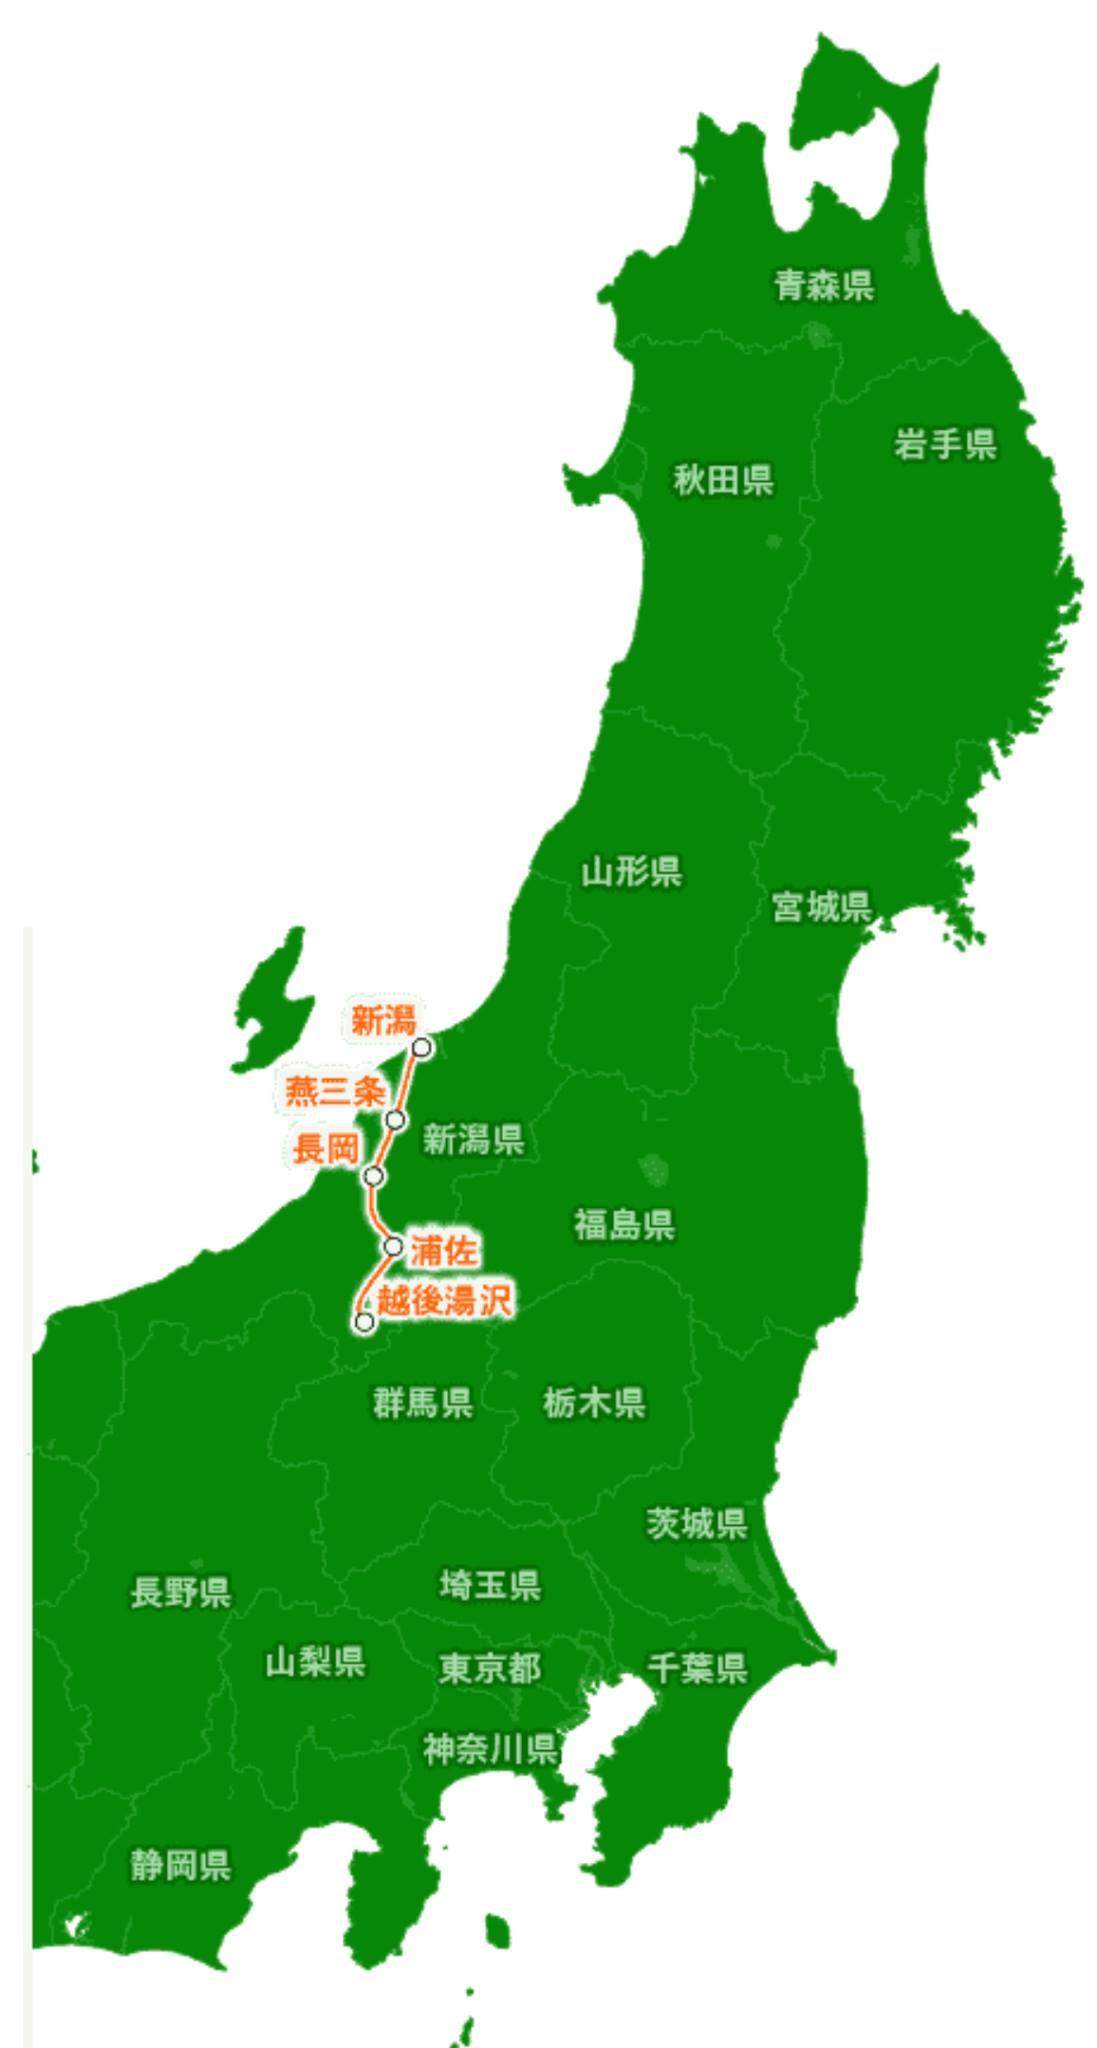 様々な畫像: ぜいたく 長岡 東京 新幹線